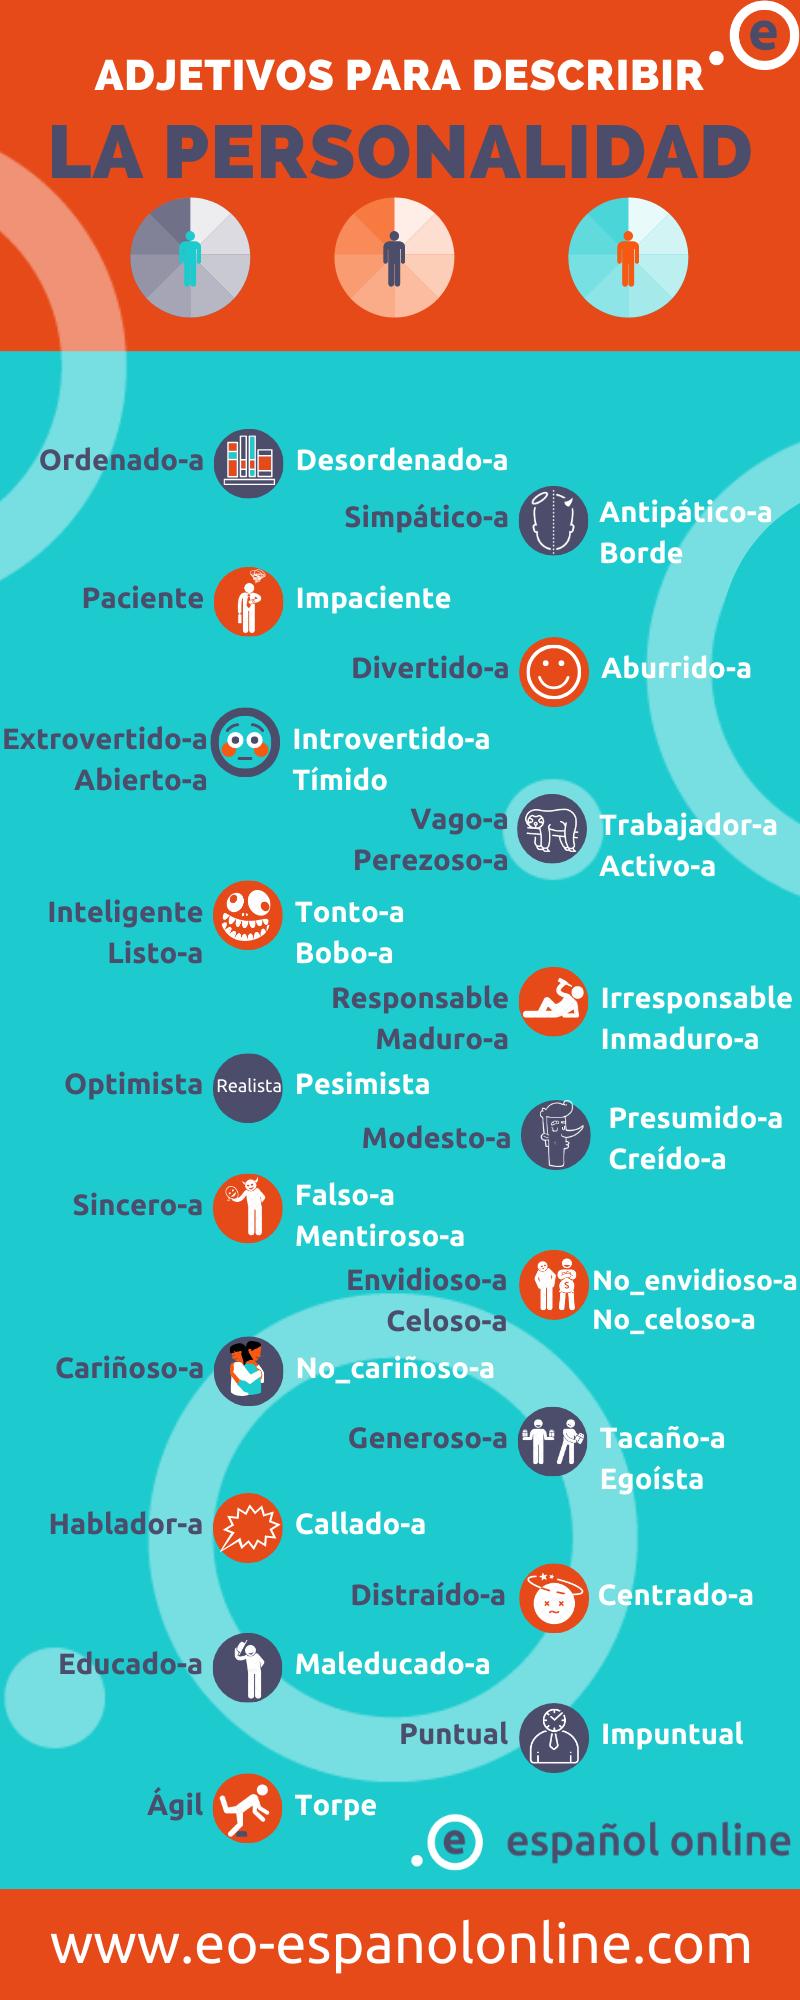 Adjetivos Para Describir La Personalidad Como Eres Eo Espanol Online En 2020 Adjetivos Para Describir La Personalidad Adjetivos Adjetivo